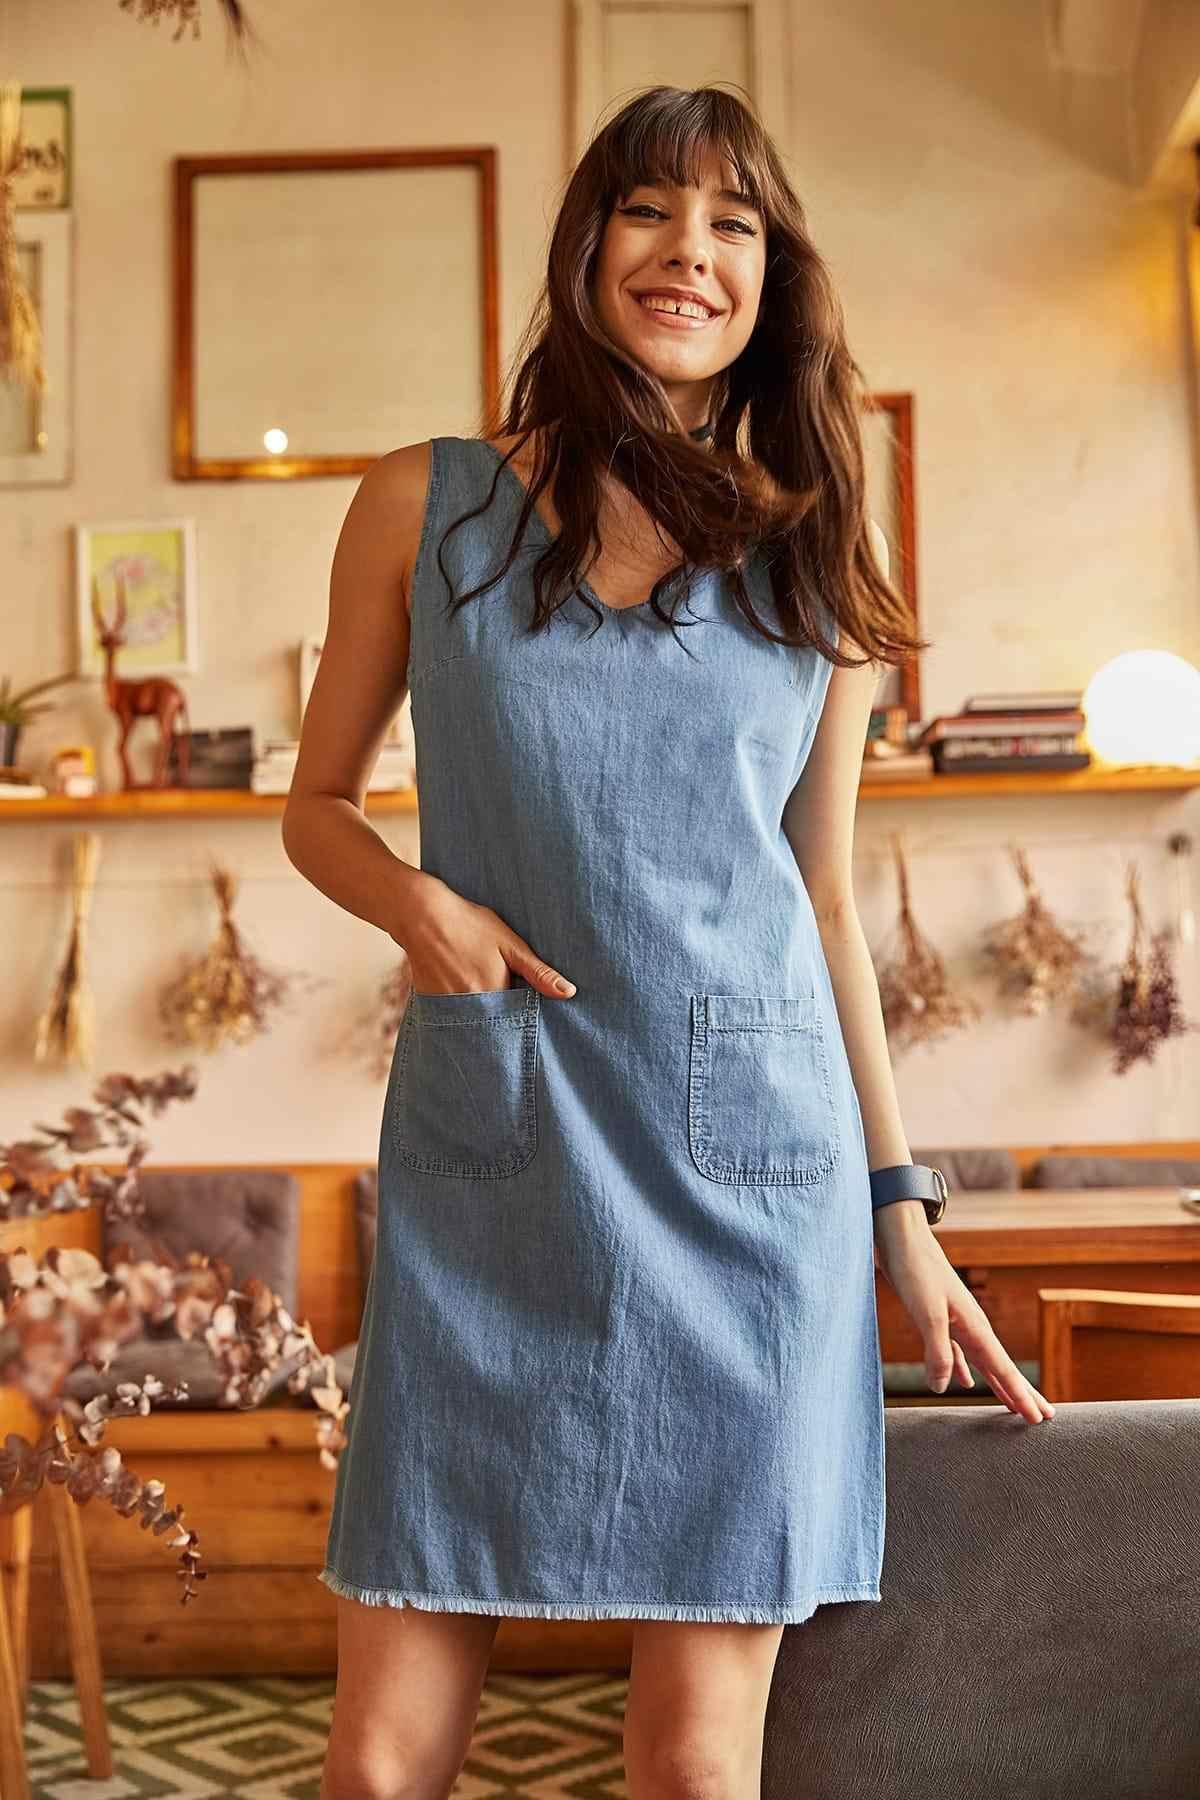 Ola женская синяя юбка на молнии с карманами сзади с кисточками джинсовое платье ELB-19000365